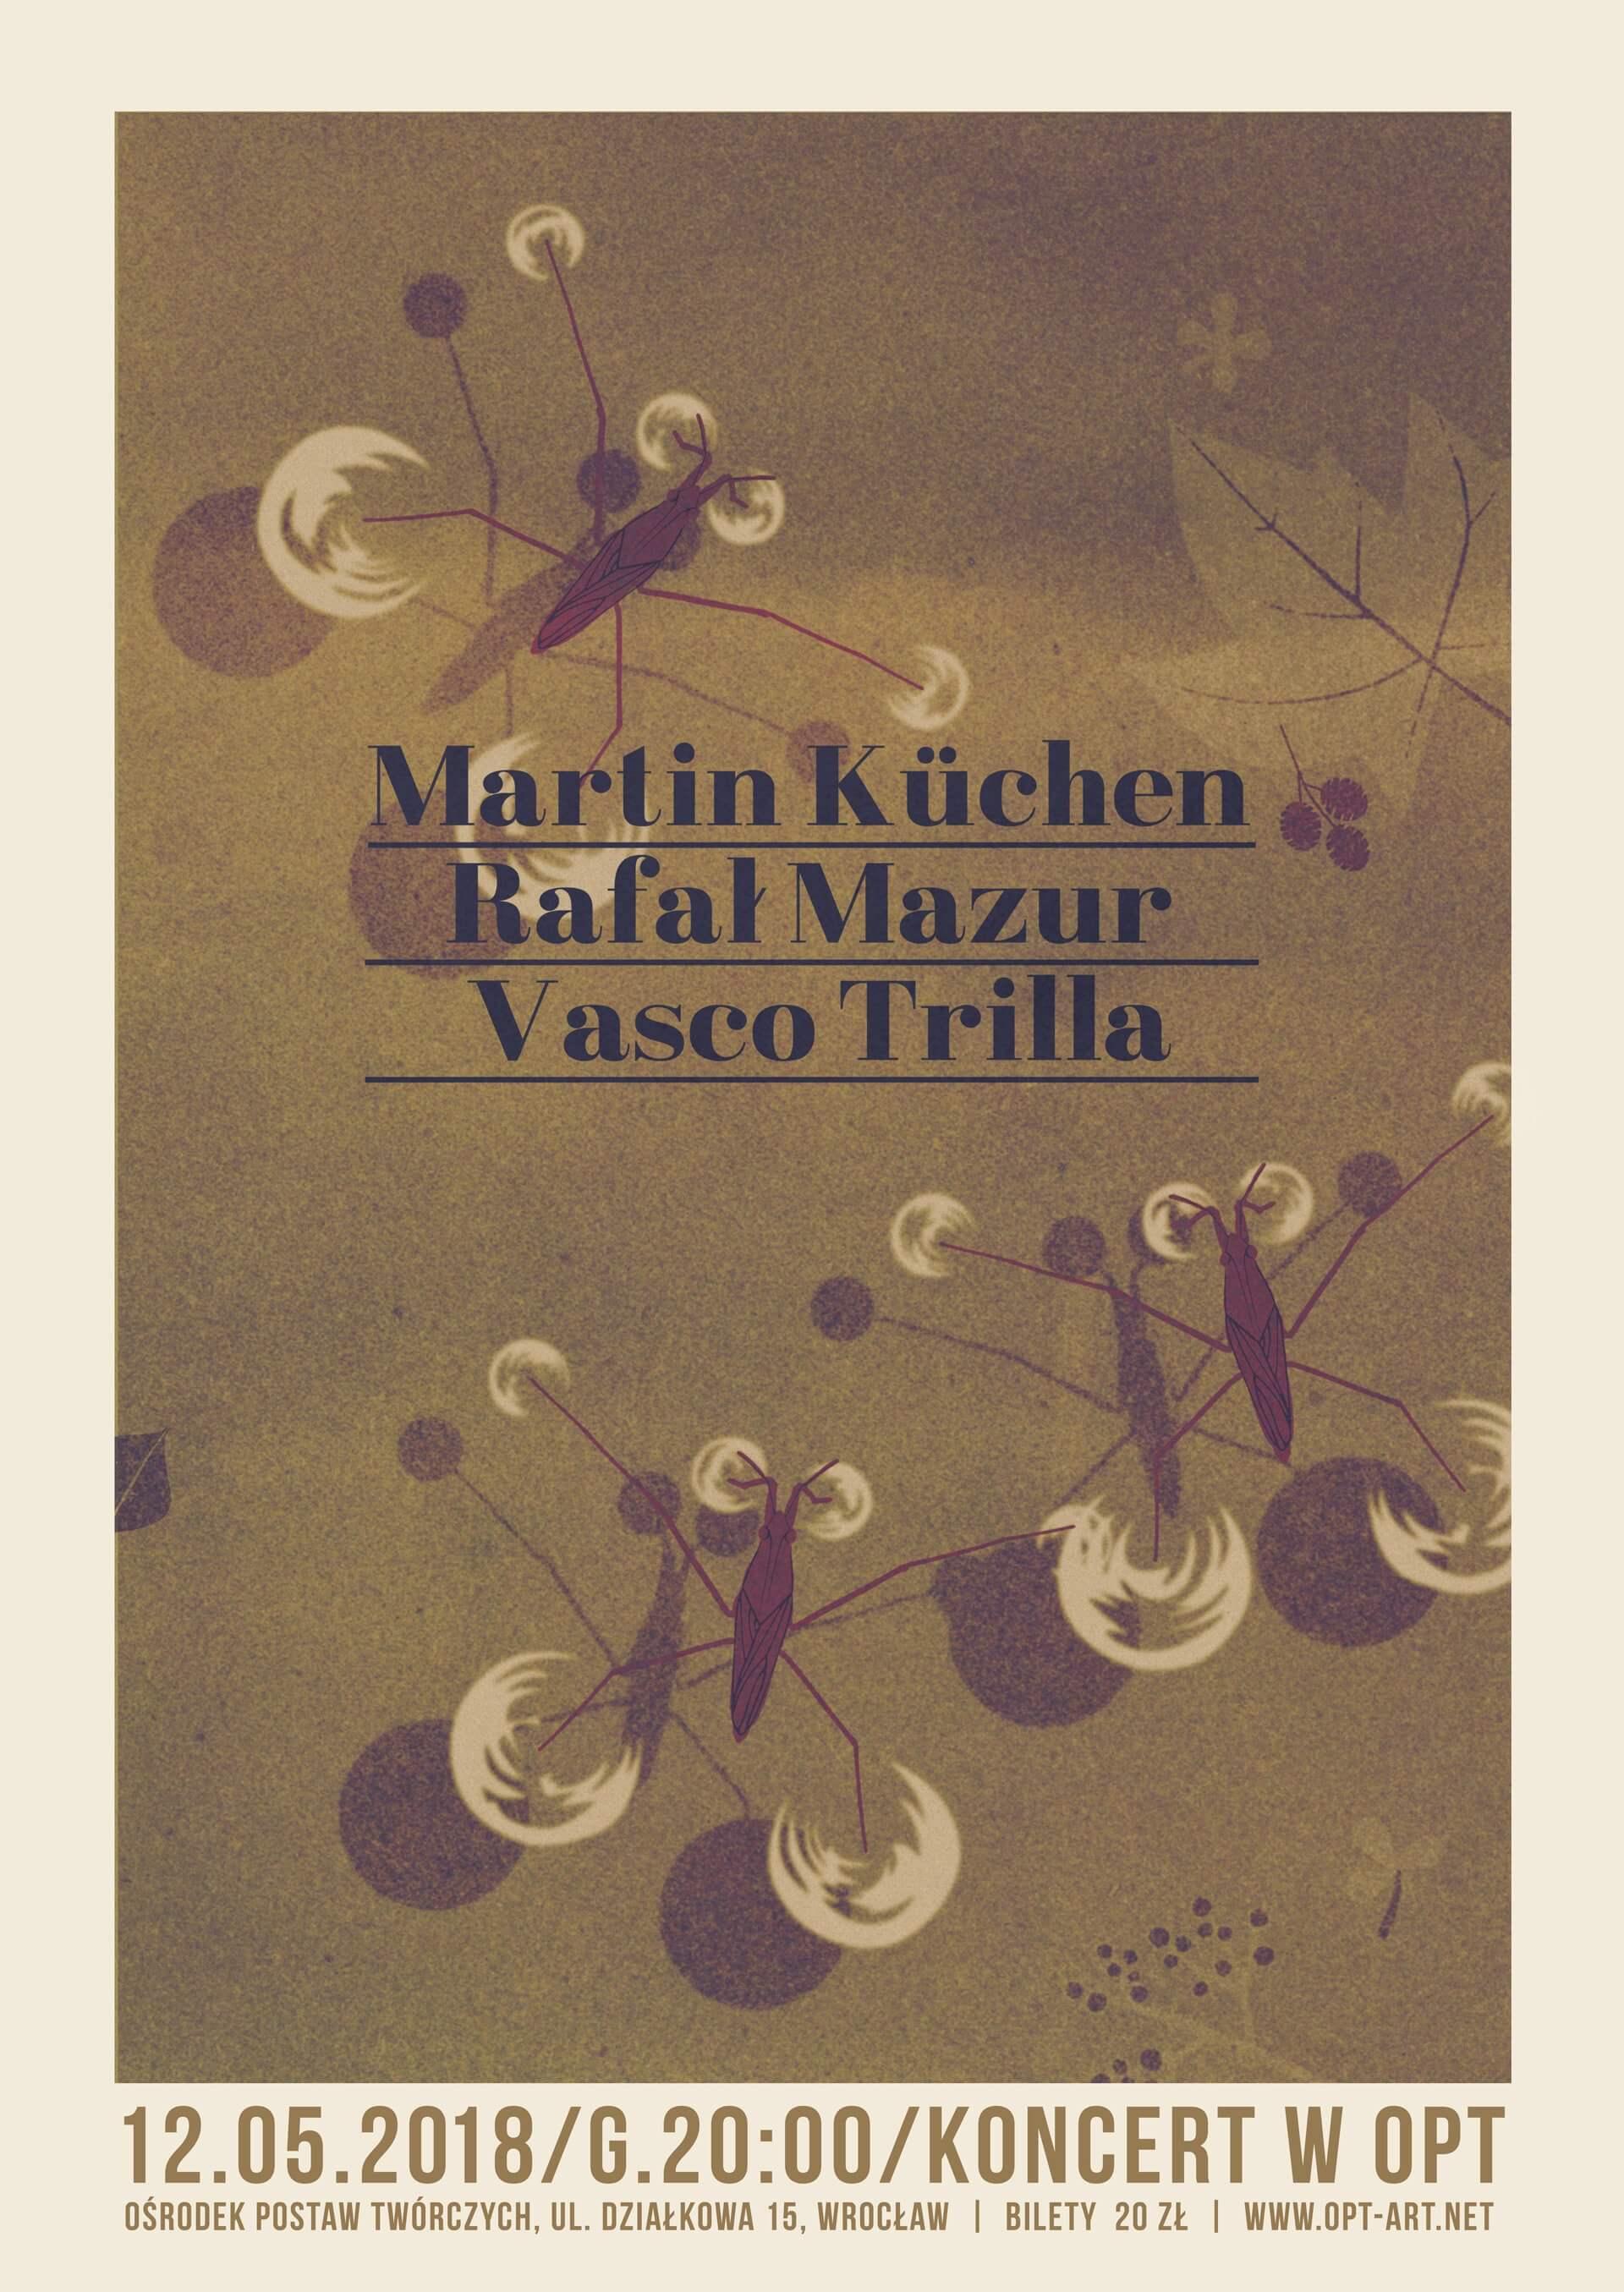 Martin Küchen / Rafał Mazur / Vasco Trilla trio